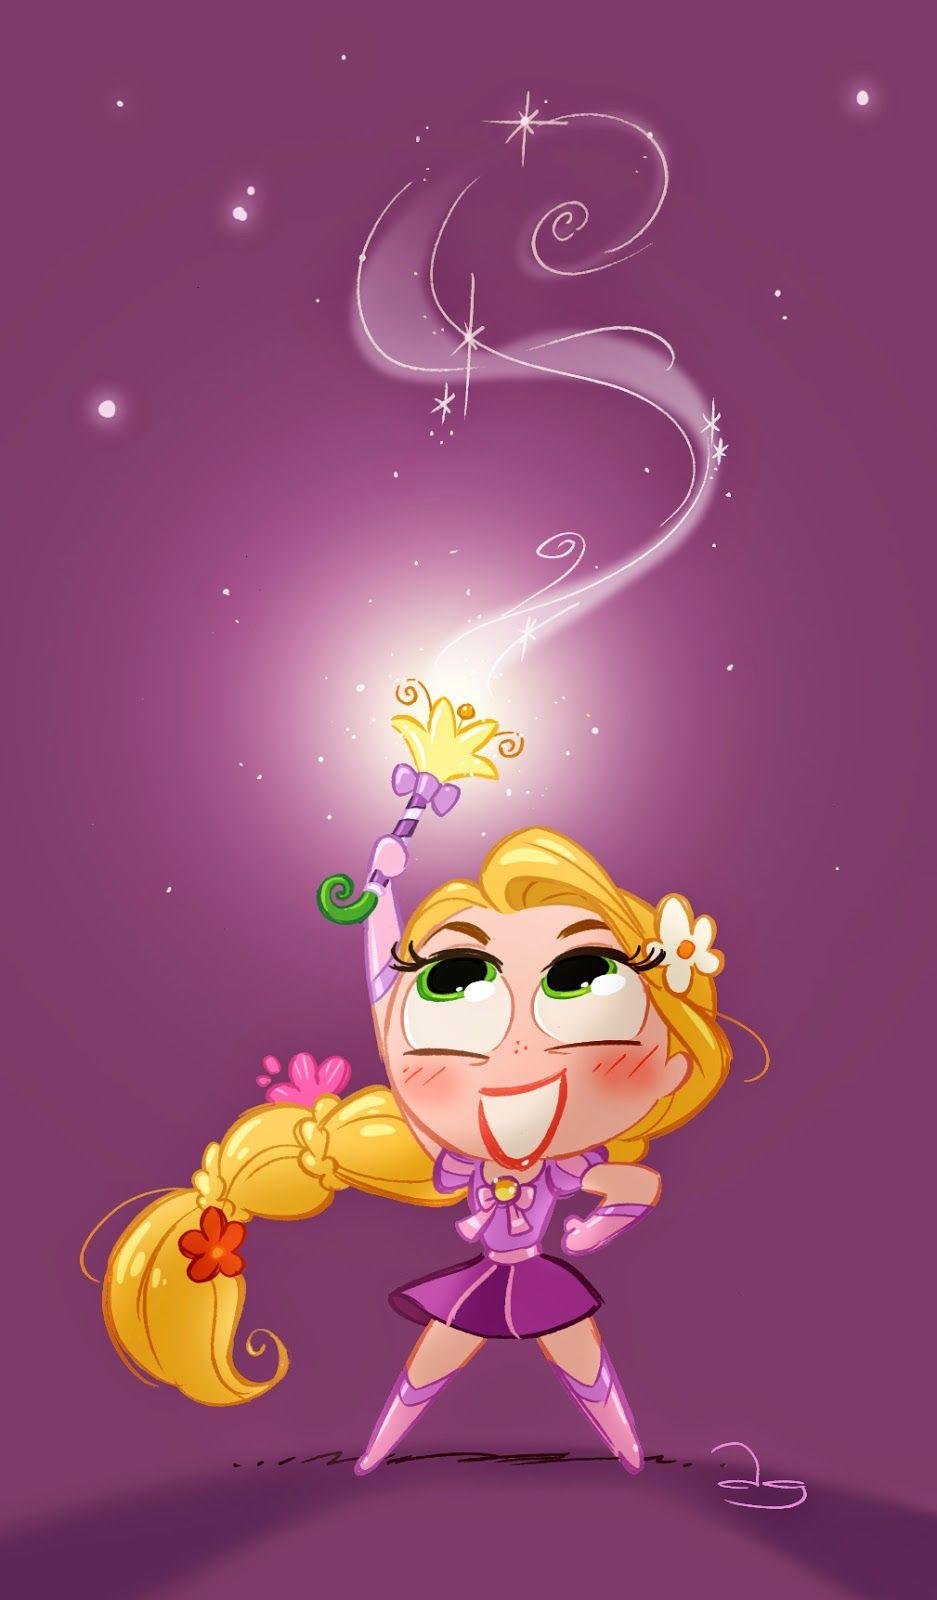 épinglé Par Onelia Paludi Sur David Gilson Disney Rapunzel